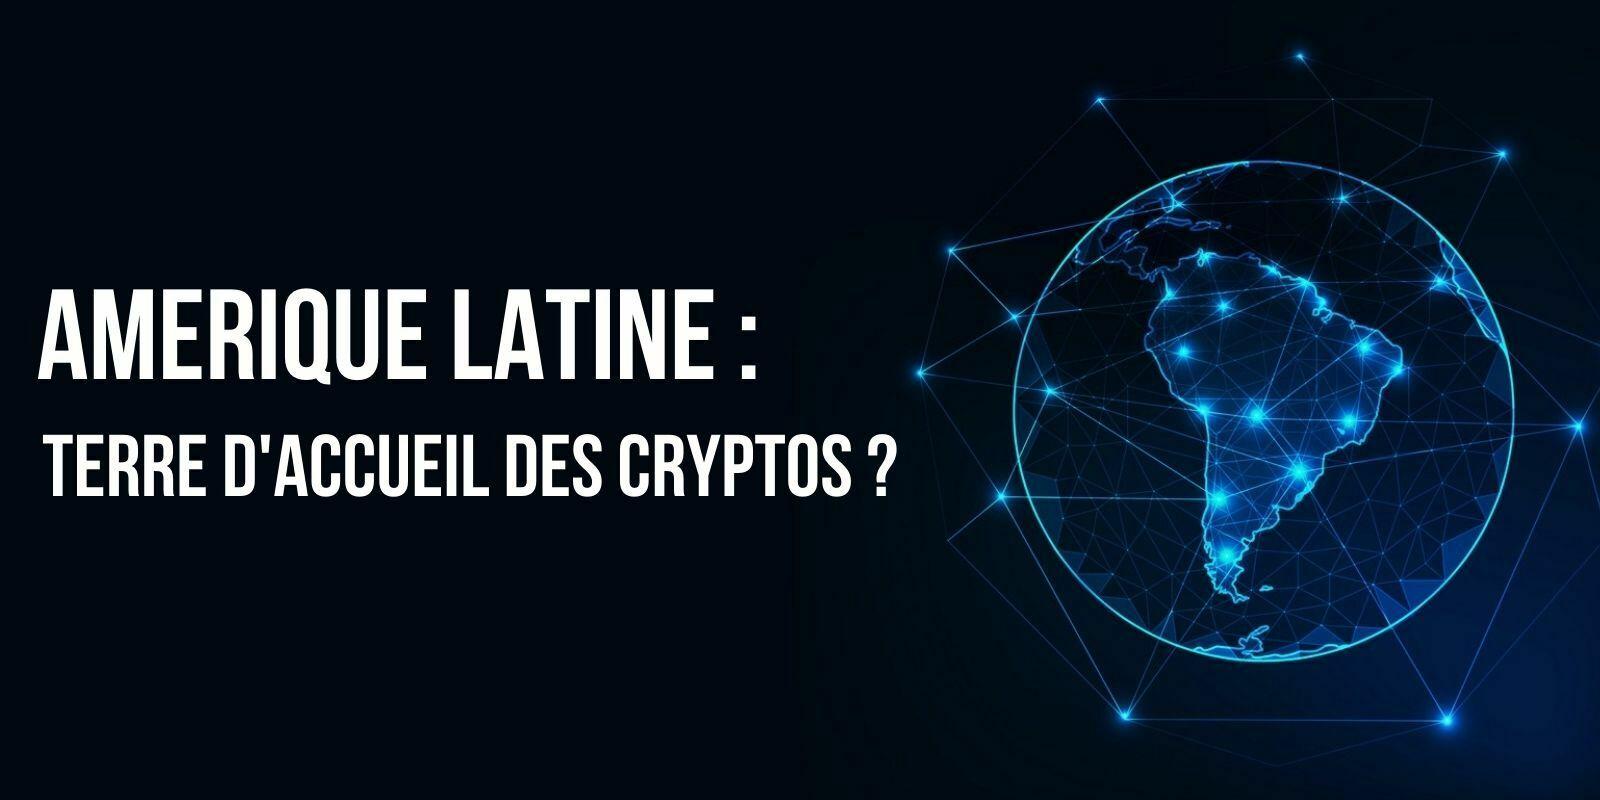 Visa : 1 habitant d'Amérique latine sur 4 souhaite faire des achats en cryptomonnaies